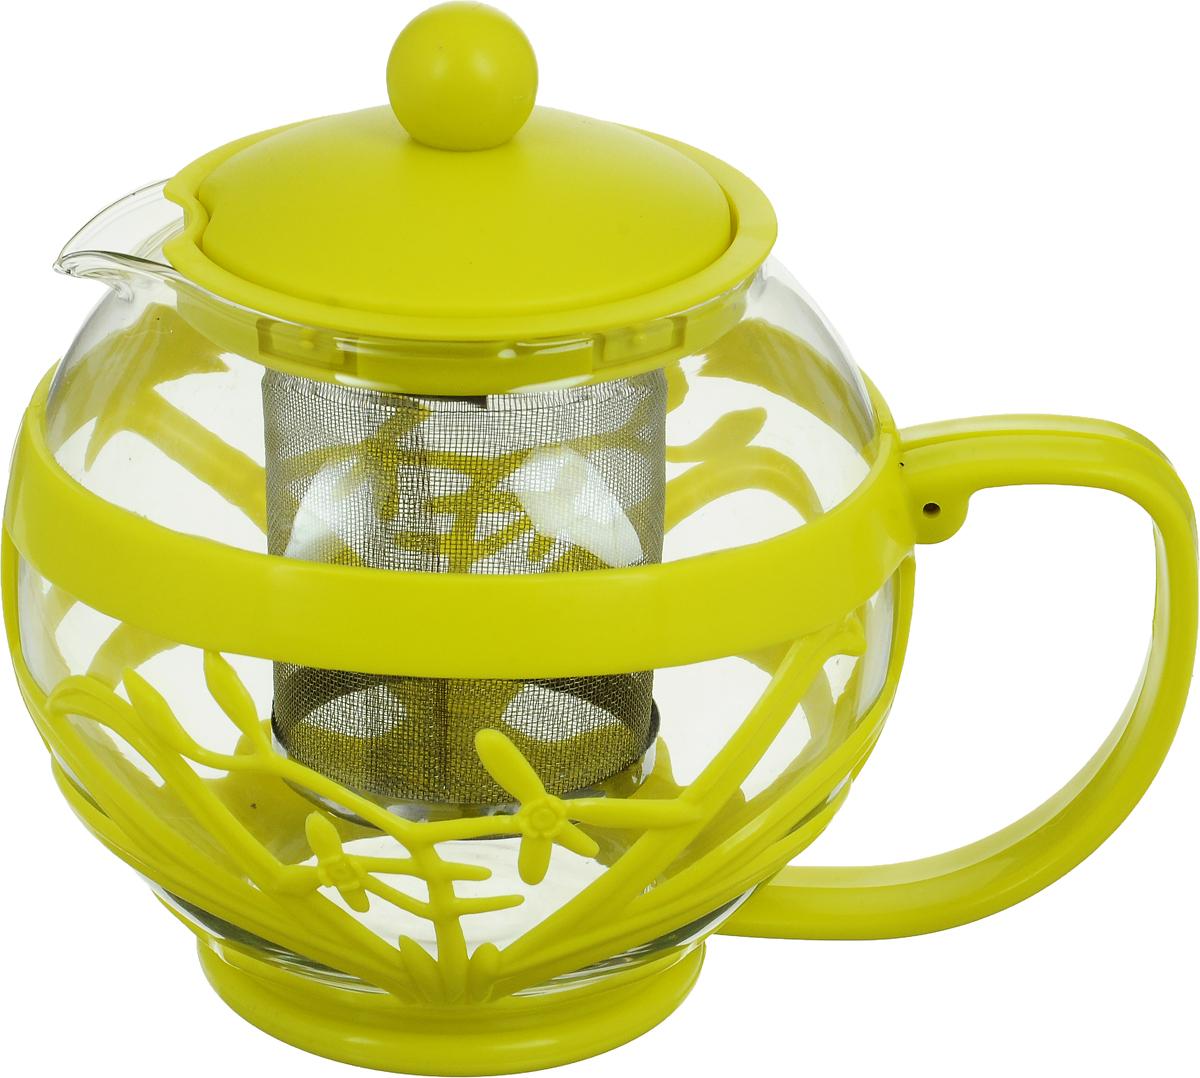 Чайник заварочный Menu Мелисса, с фильтром, цвет: прозрачный, салатовый, 750 млMLS-75_прозрачный, салатовыйЧайник Menu Мелисса изготовлен из прочного стекла и пластика. Он прекрасно подойдет для заваривания чая и травяных напитков. Классический стиль и оптимальный объем делают его удобным и оригинальным аксессуаром. Изделие имеет удлиненный металлический фильтр, который обеспечивает высокое качество фильтрации напитка и позволяет заварить чай даже при небольшом уровне воды. Ручка чайника не нагревается и обеспечивает безопасность использования. Нельзя мыть в посудомоечной машине. Диаметр чайника (по верхнему краю): 8 см.Высота чайника (без учета крышки): 11 см.Размер фильтра: 6 х 6 х 7,2 см.